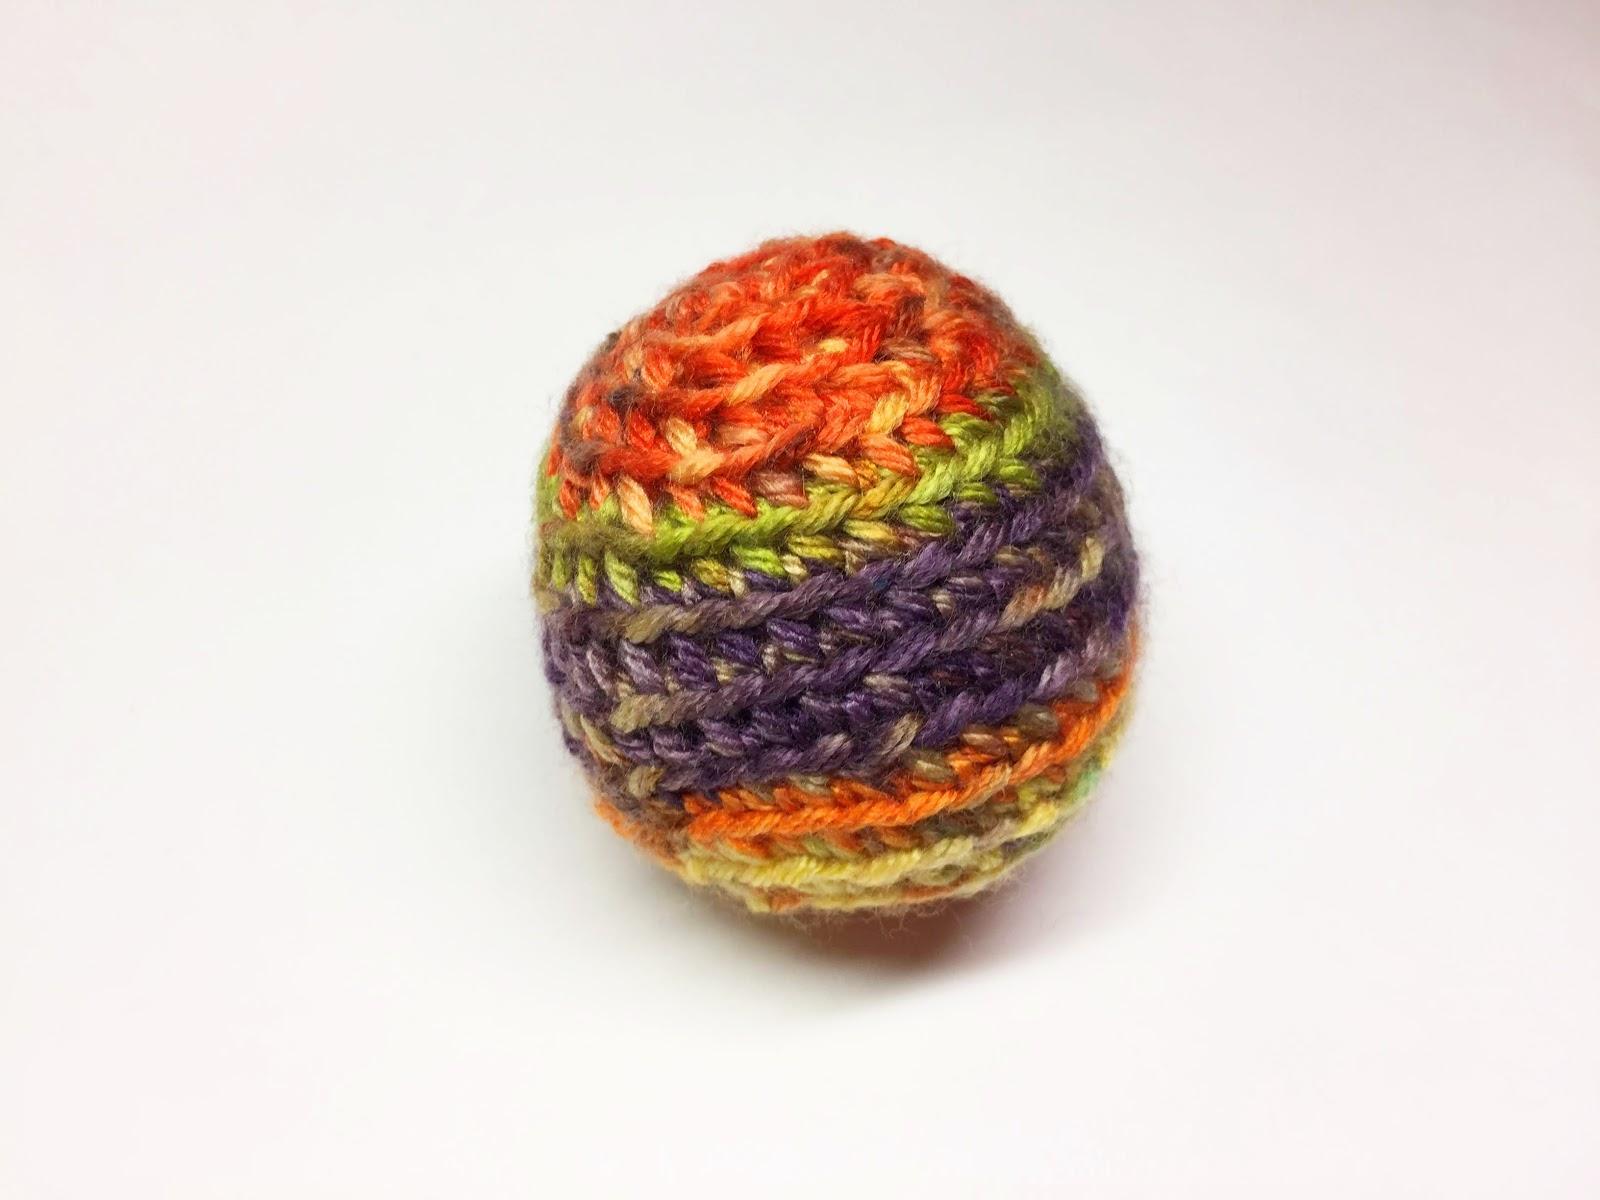 編みぐるみの基本形:球